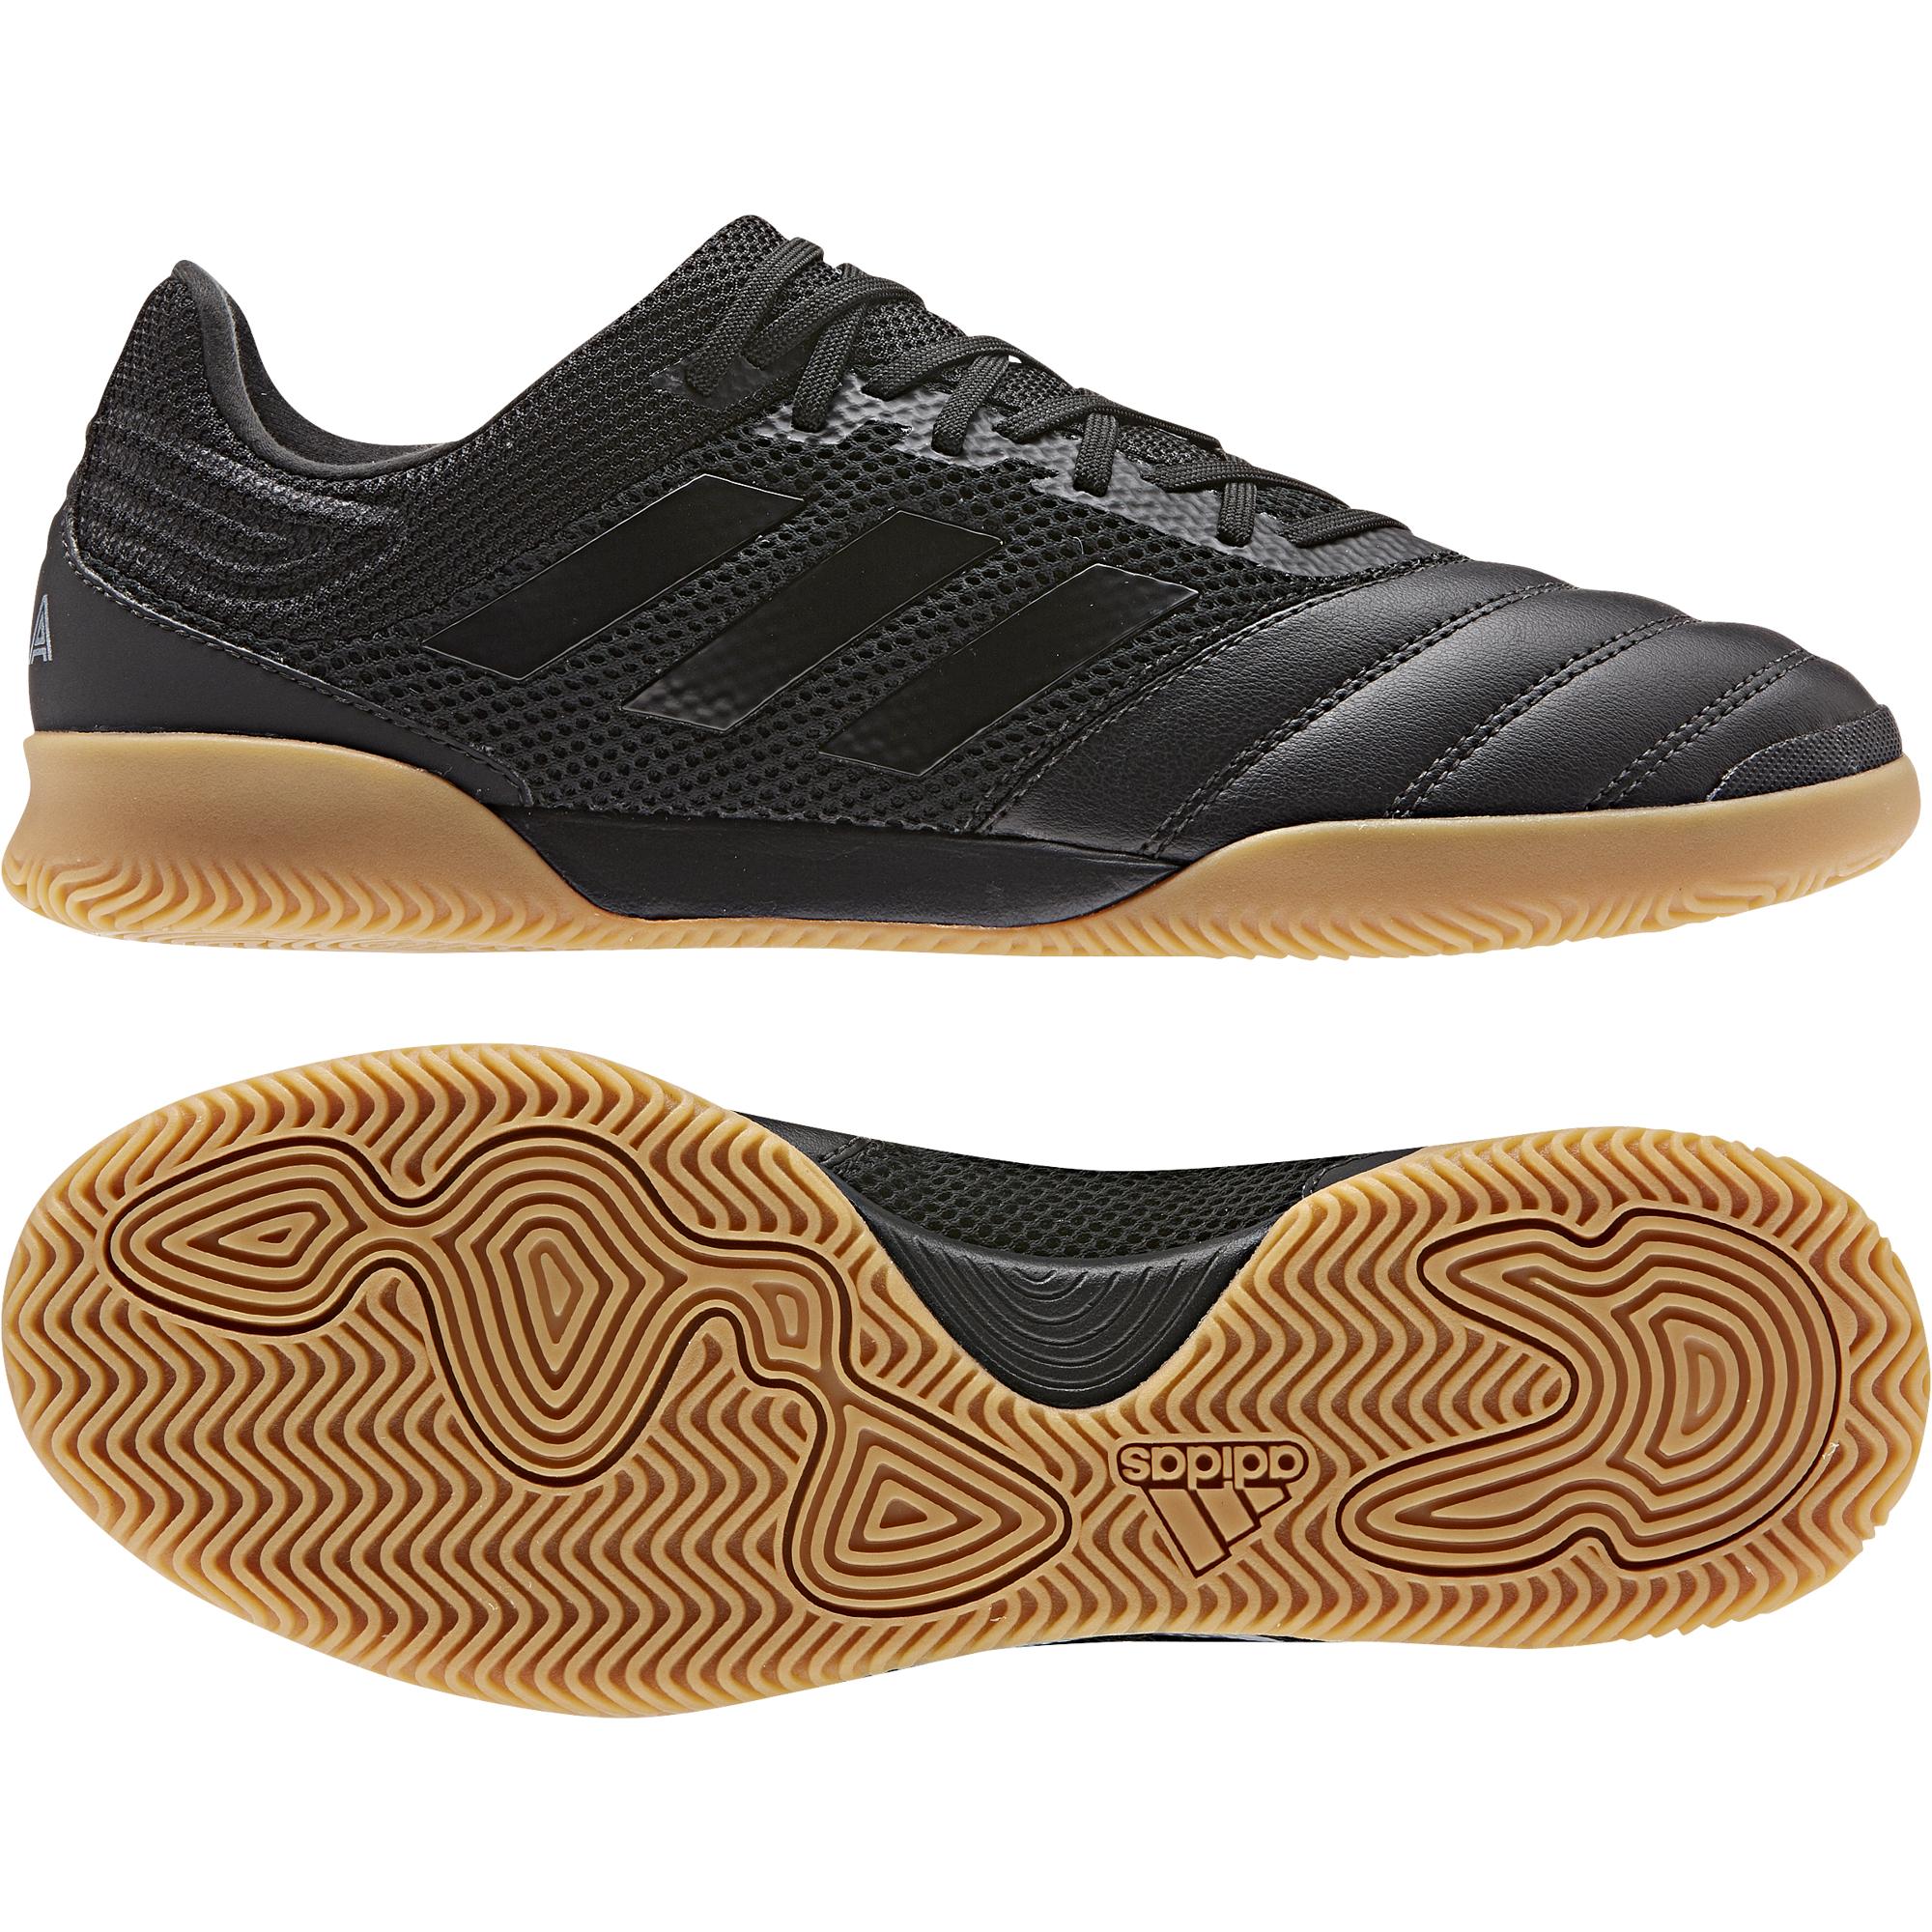 auf Füßen Aufnahmen von noch eine Chance neueste Kollektion adidas COPA SALA 19.3 IN Hallenschuh schwarz